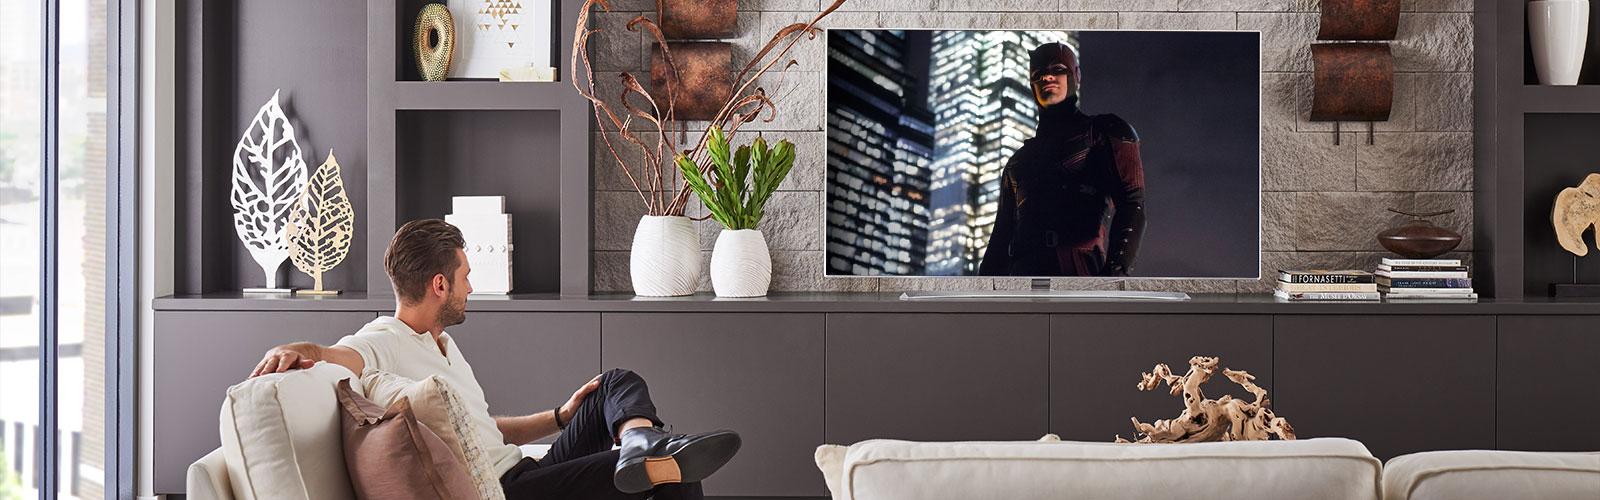 LG Smart TV Apps: Netflix, Amazon Video, Hulu & More | LG USA